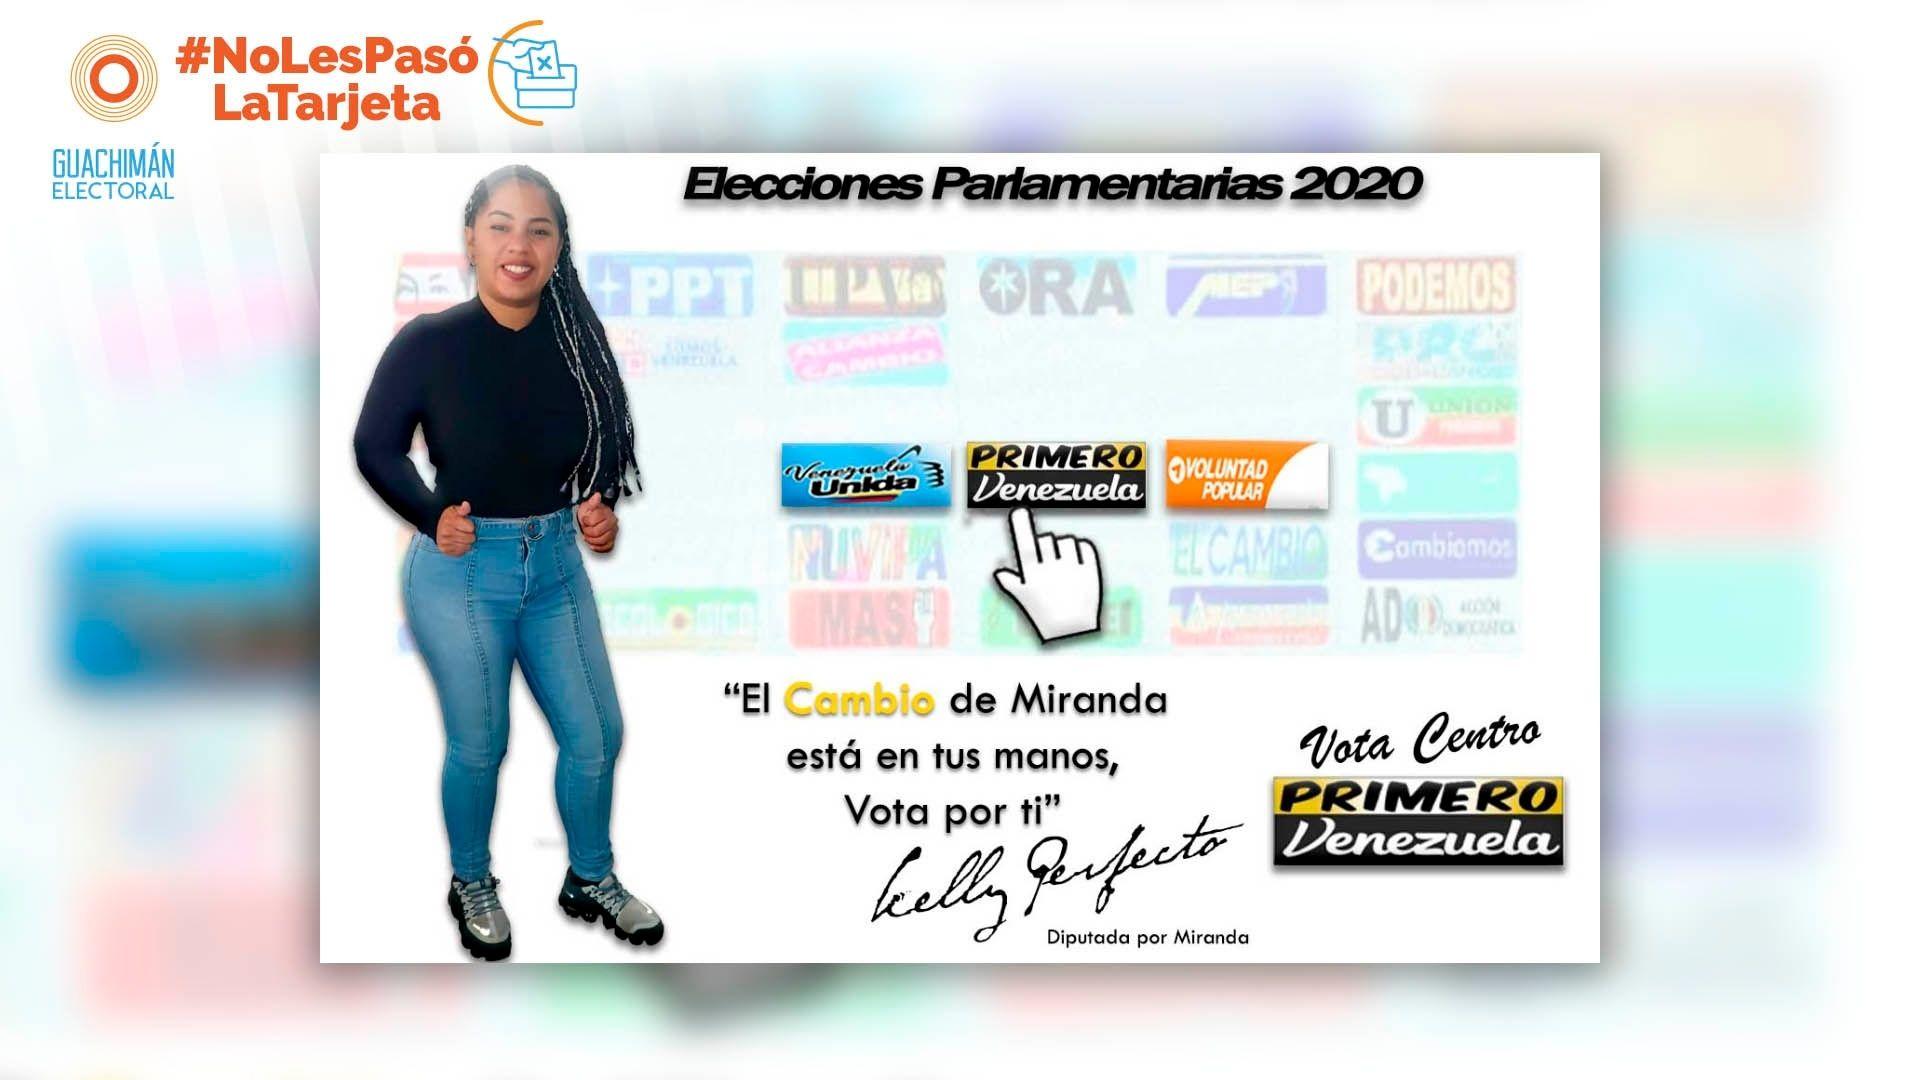 NoLesPasóLaTarjeta | Arkiely Perfecto y Lucila Pacheco aplicaron el doble salto